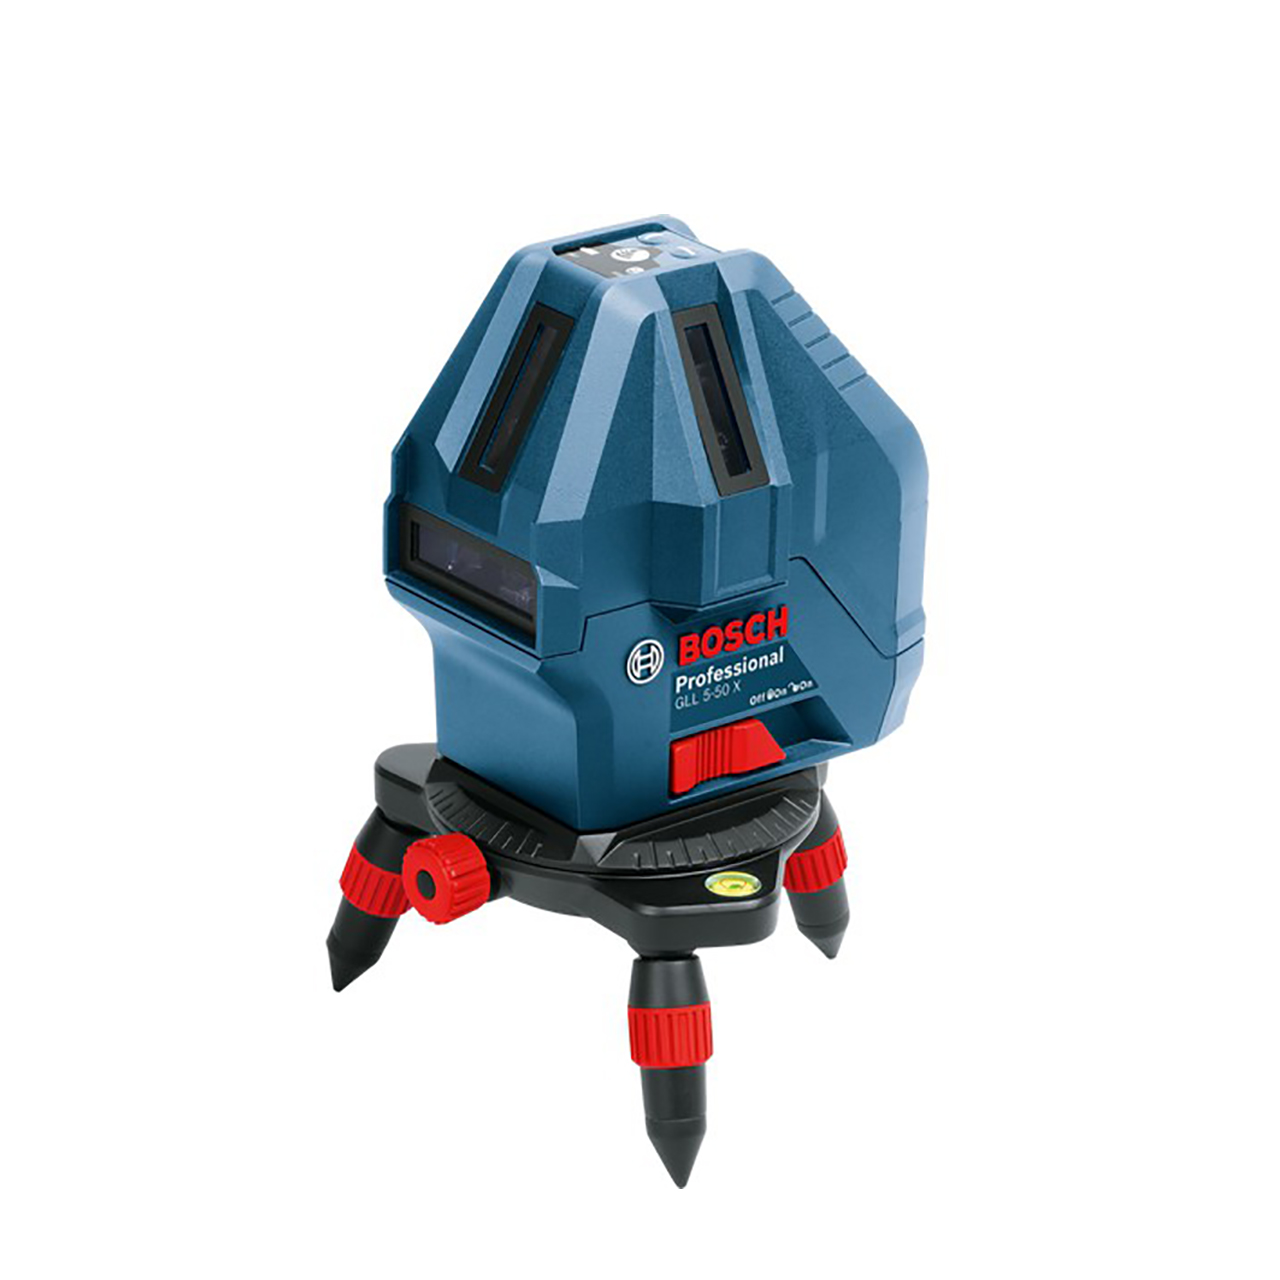 قیمت تراز لیزری بوش مدل GLL 5-50 X